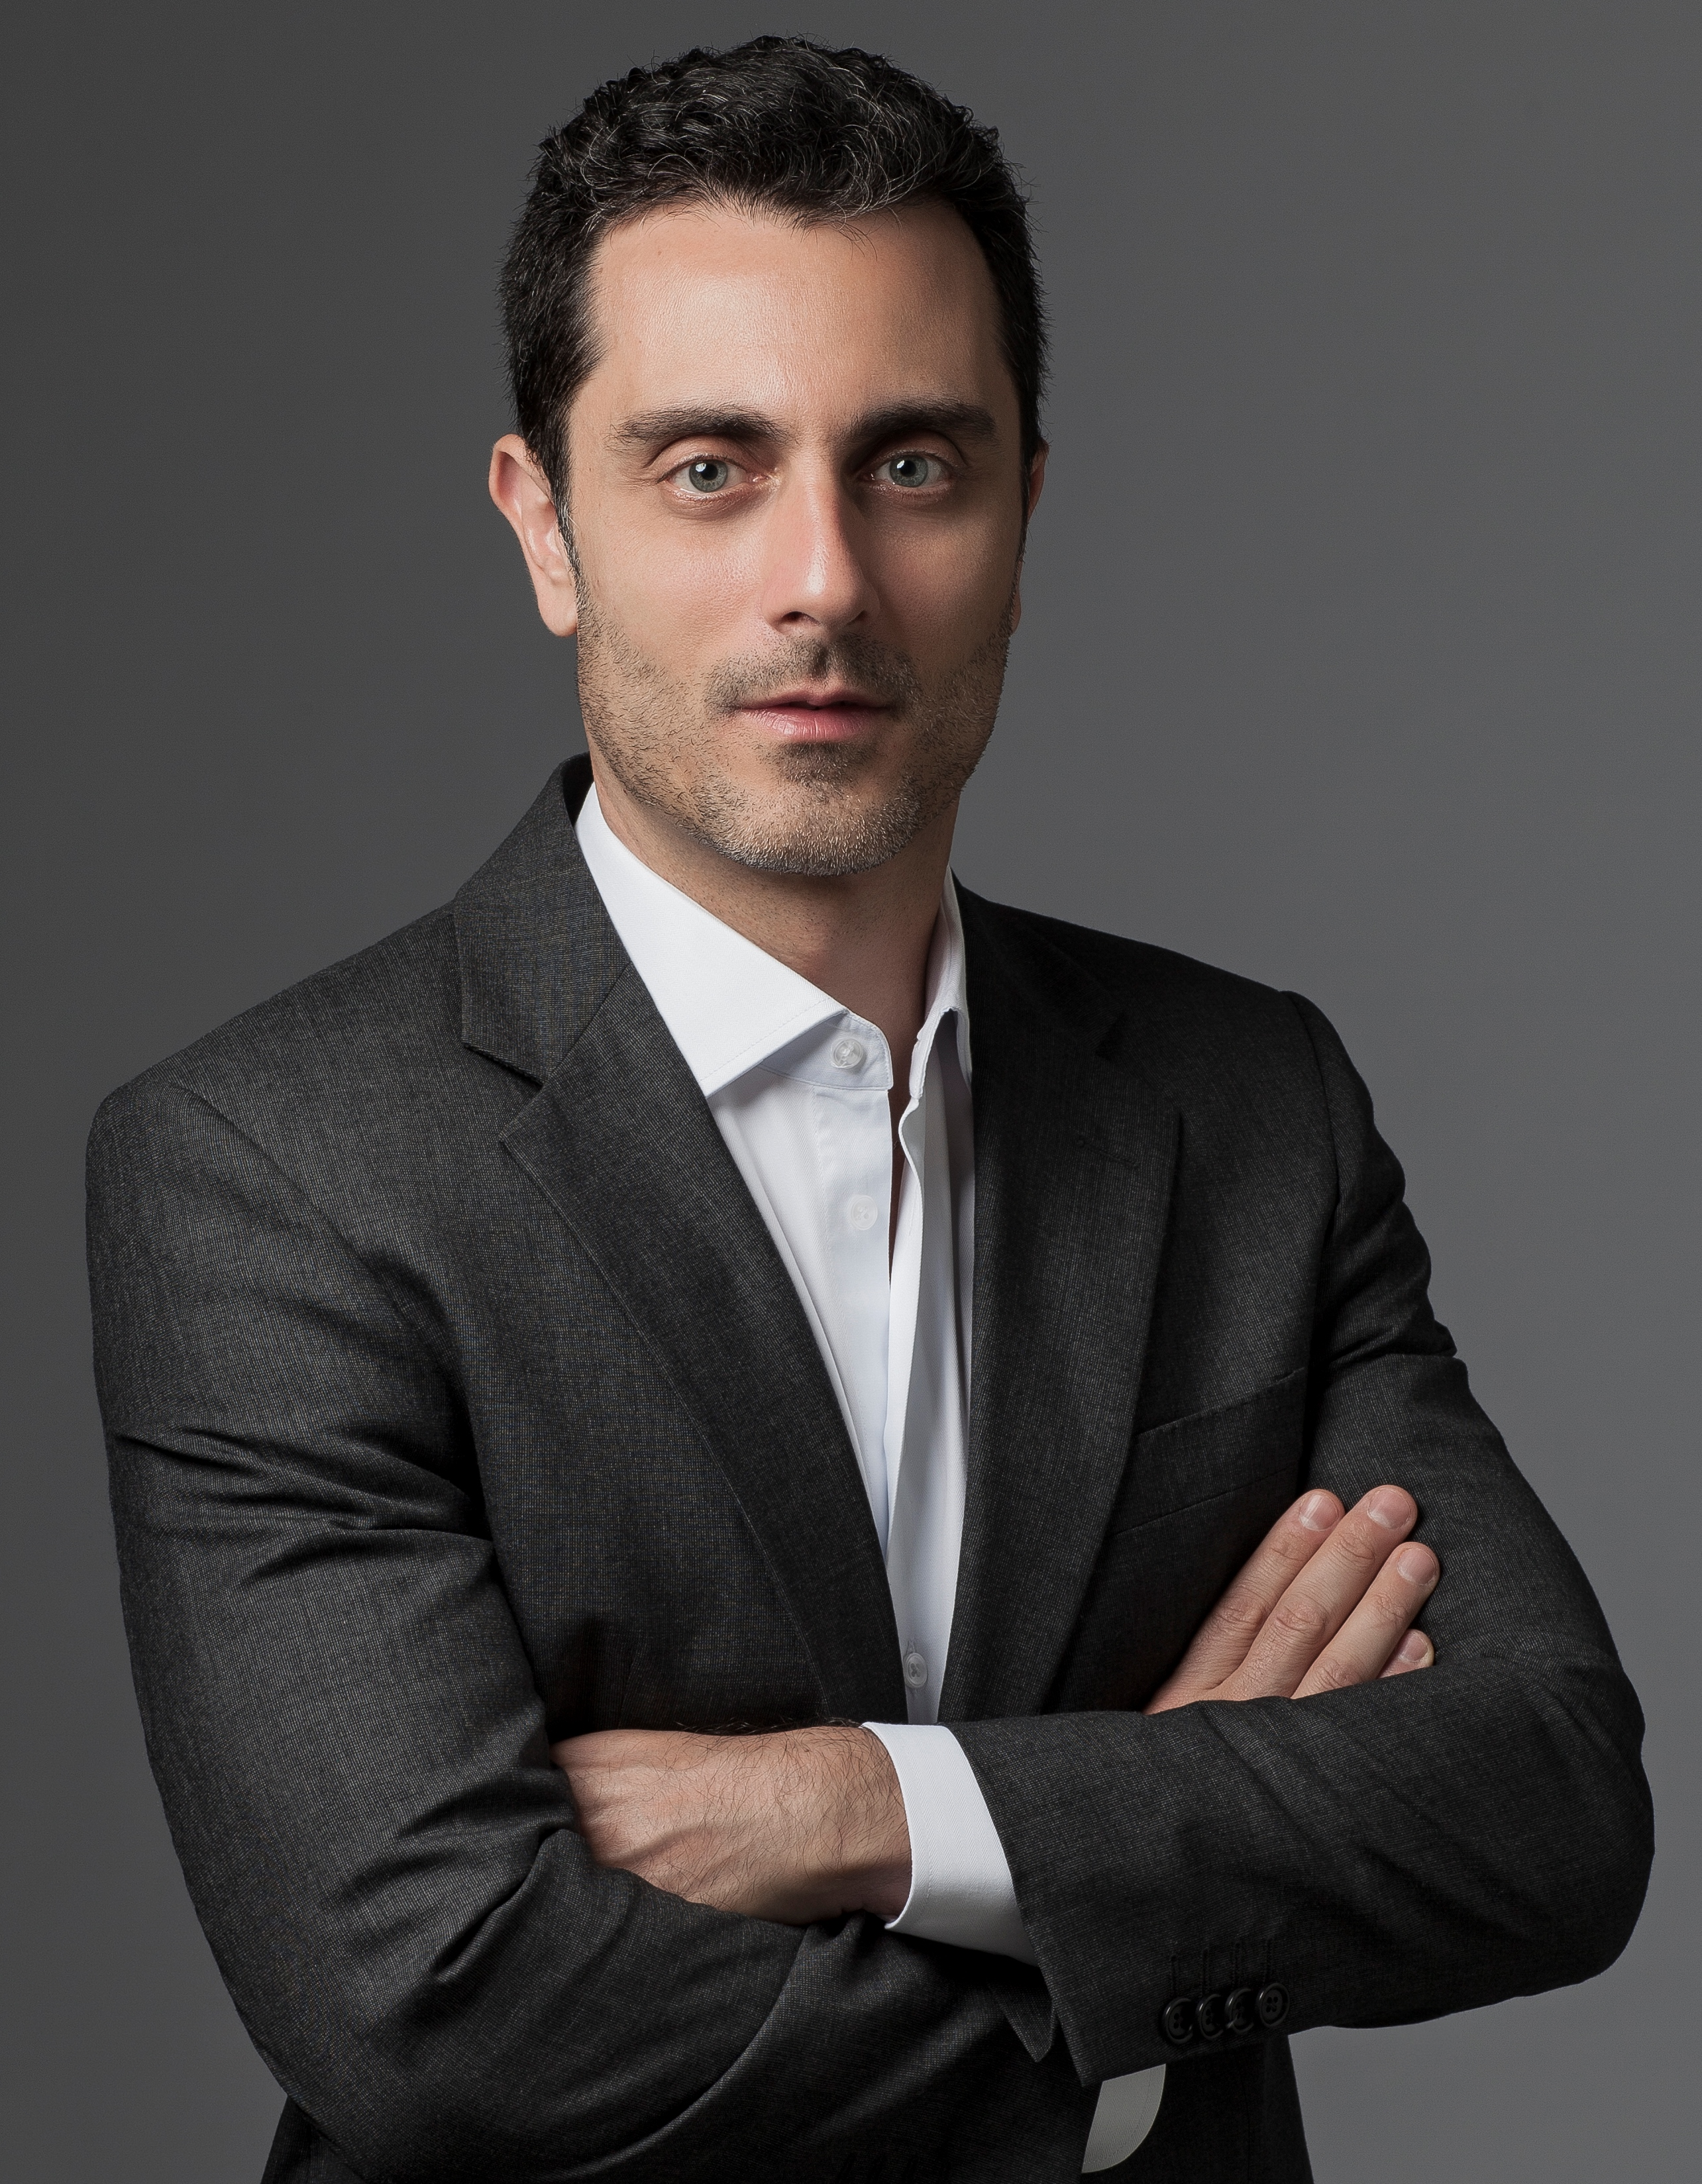 Daniel Jotta